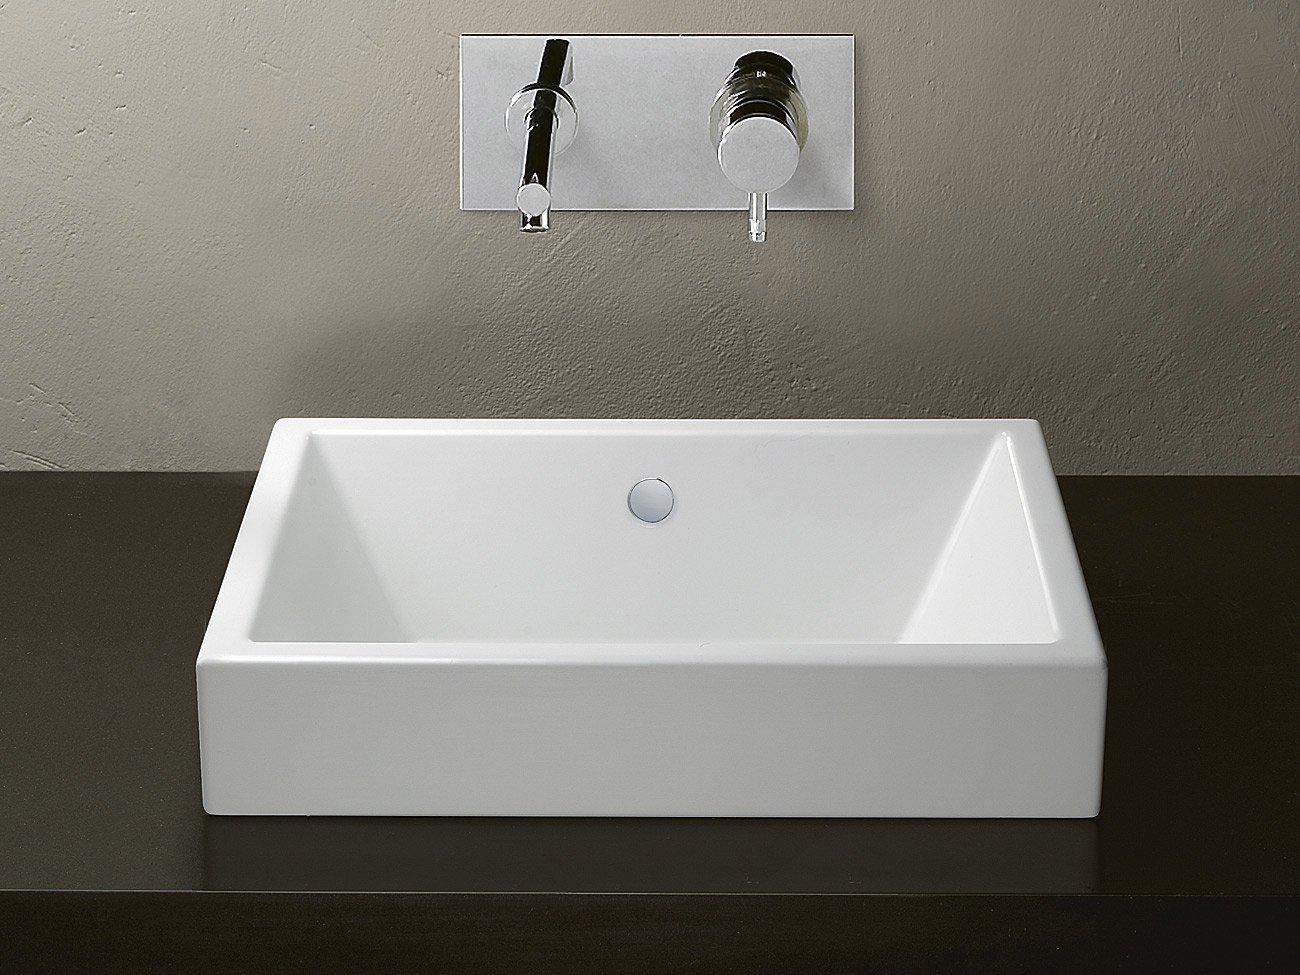 Lavabi da appoggio soluzioni materiali e prezzi di mercato - Dimensioni lavandino bagno ...